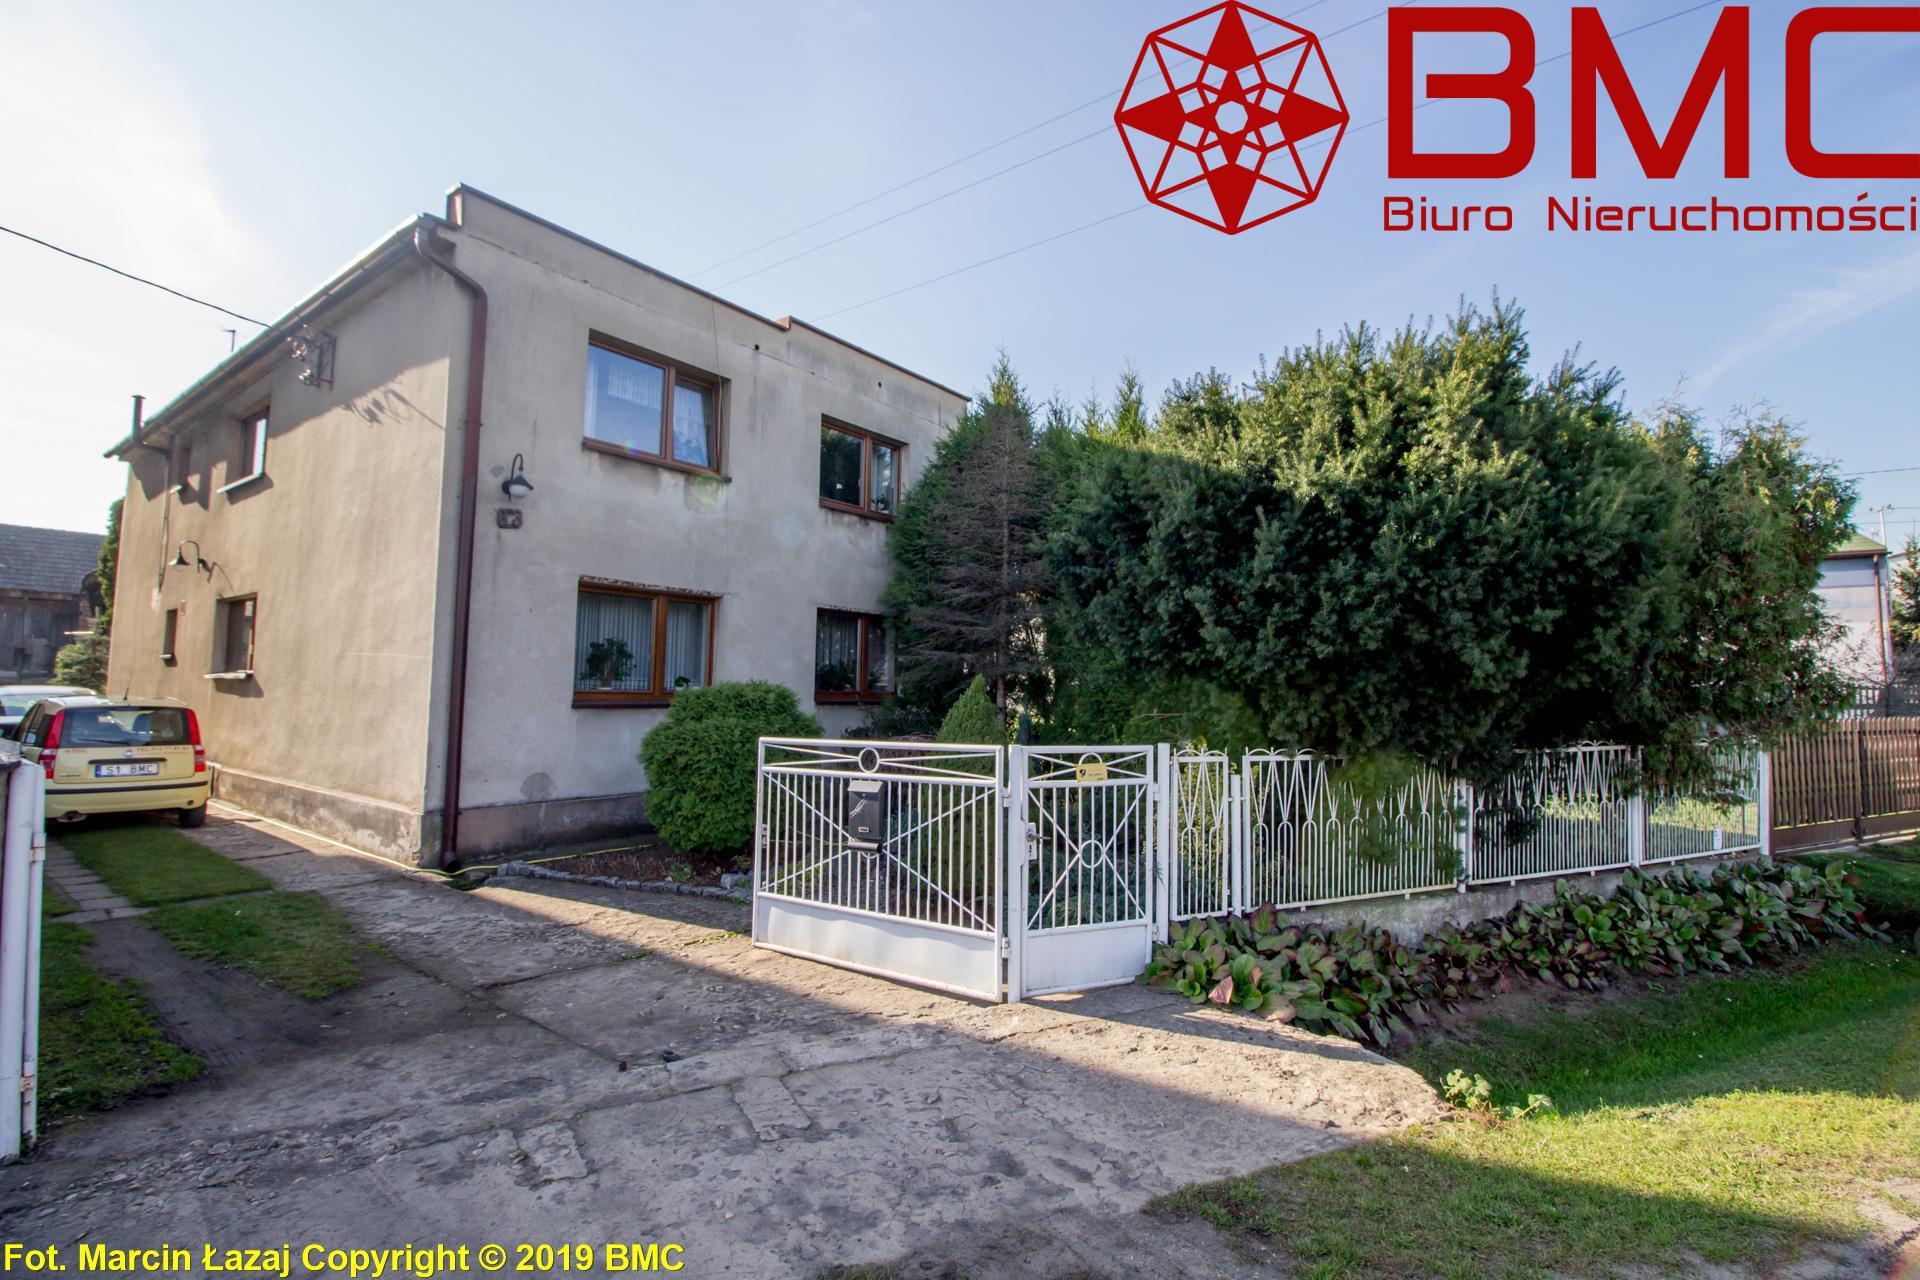 Nieruchomość Dom sprzedaż Zawisna Dom pod Częstochową- Zawisna, gm. Kamienica Polska1